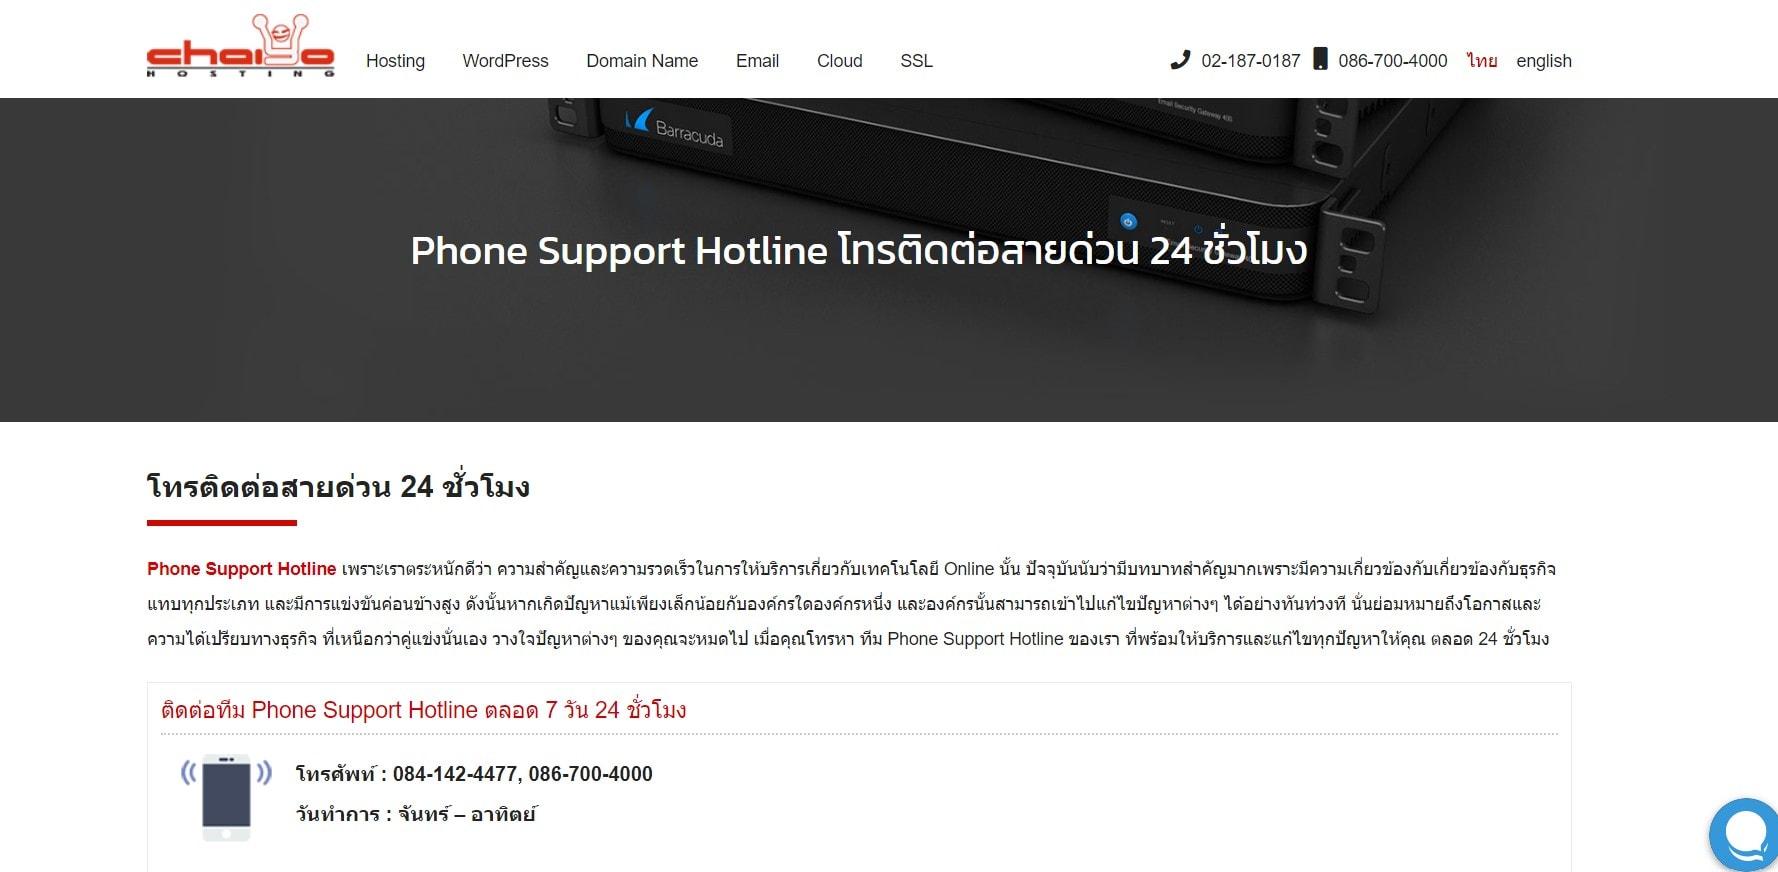 บริการให้ความช่วยเหลือของโฮสติ้ง Chaiyo Hosting